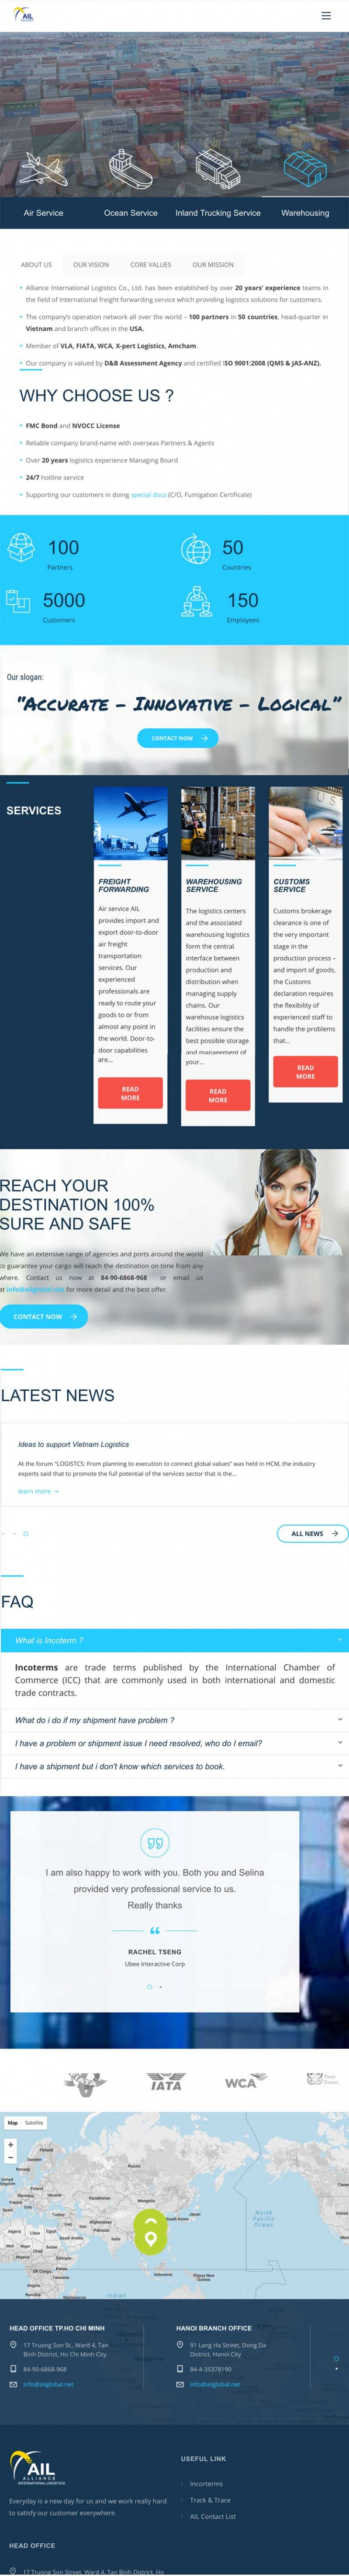 Thiết kế web công ty vận chuyển ALLIANCE INTERNATIONAL LOGISTICS trên ipad